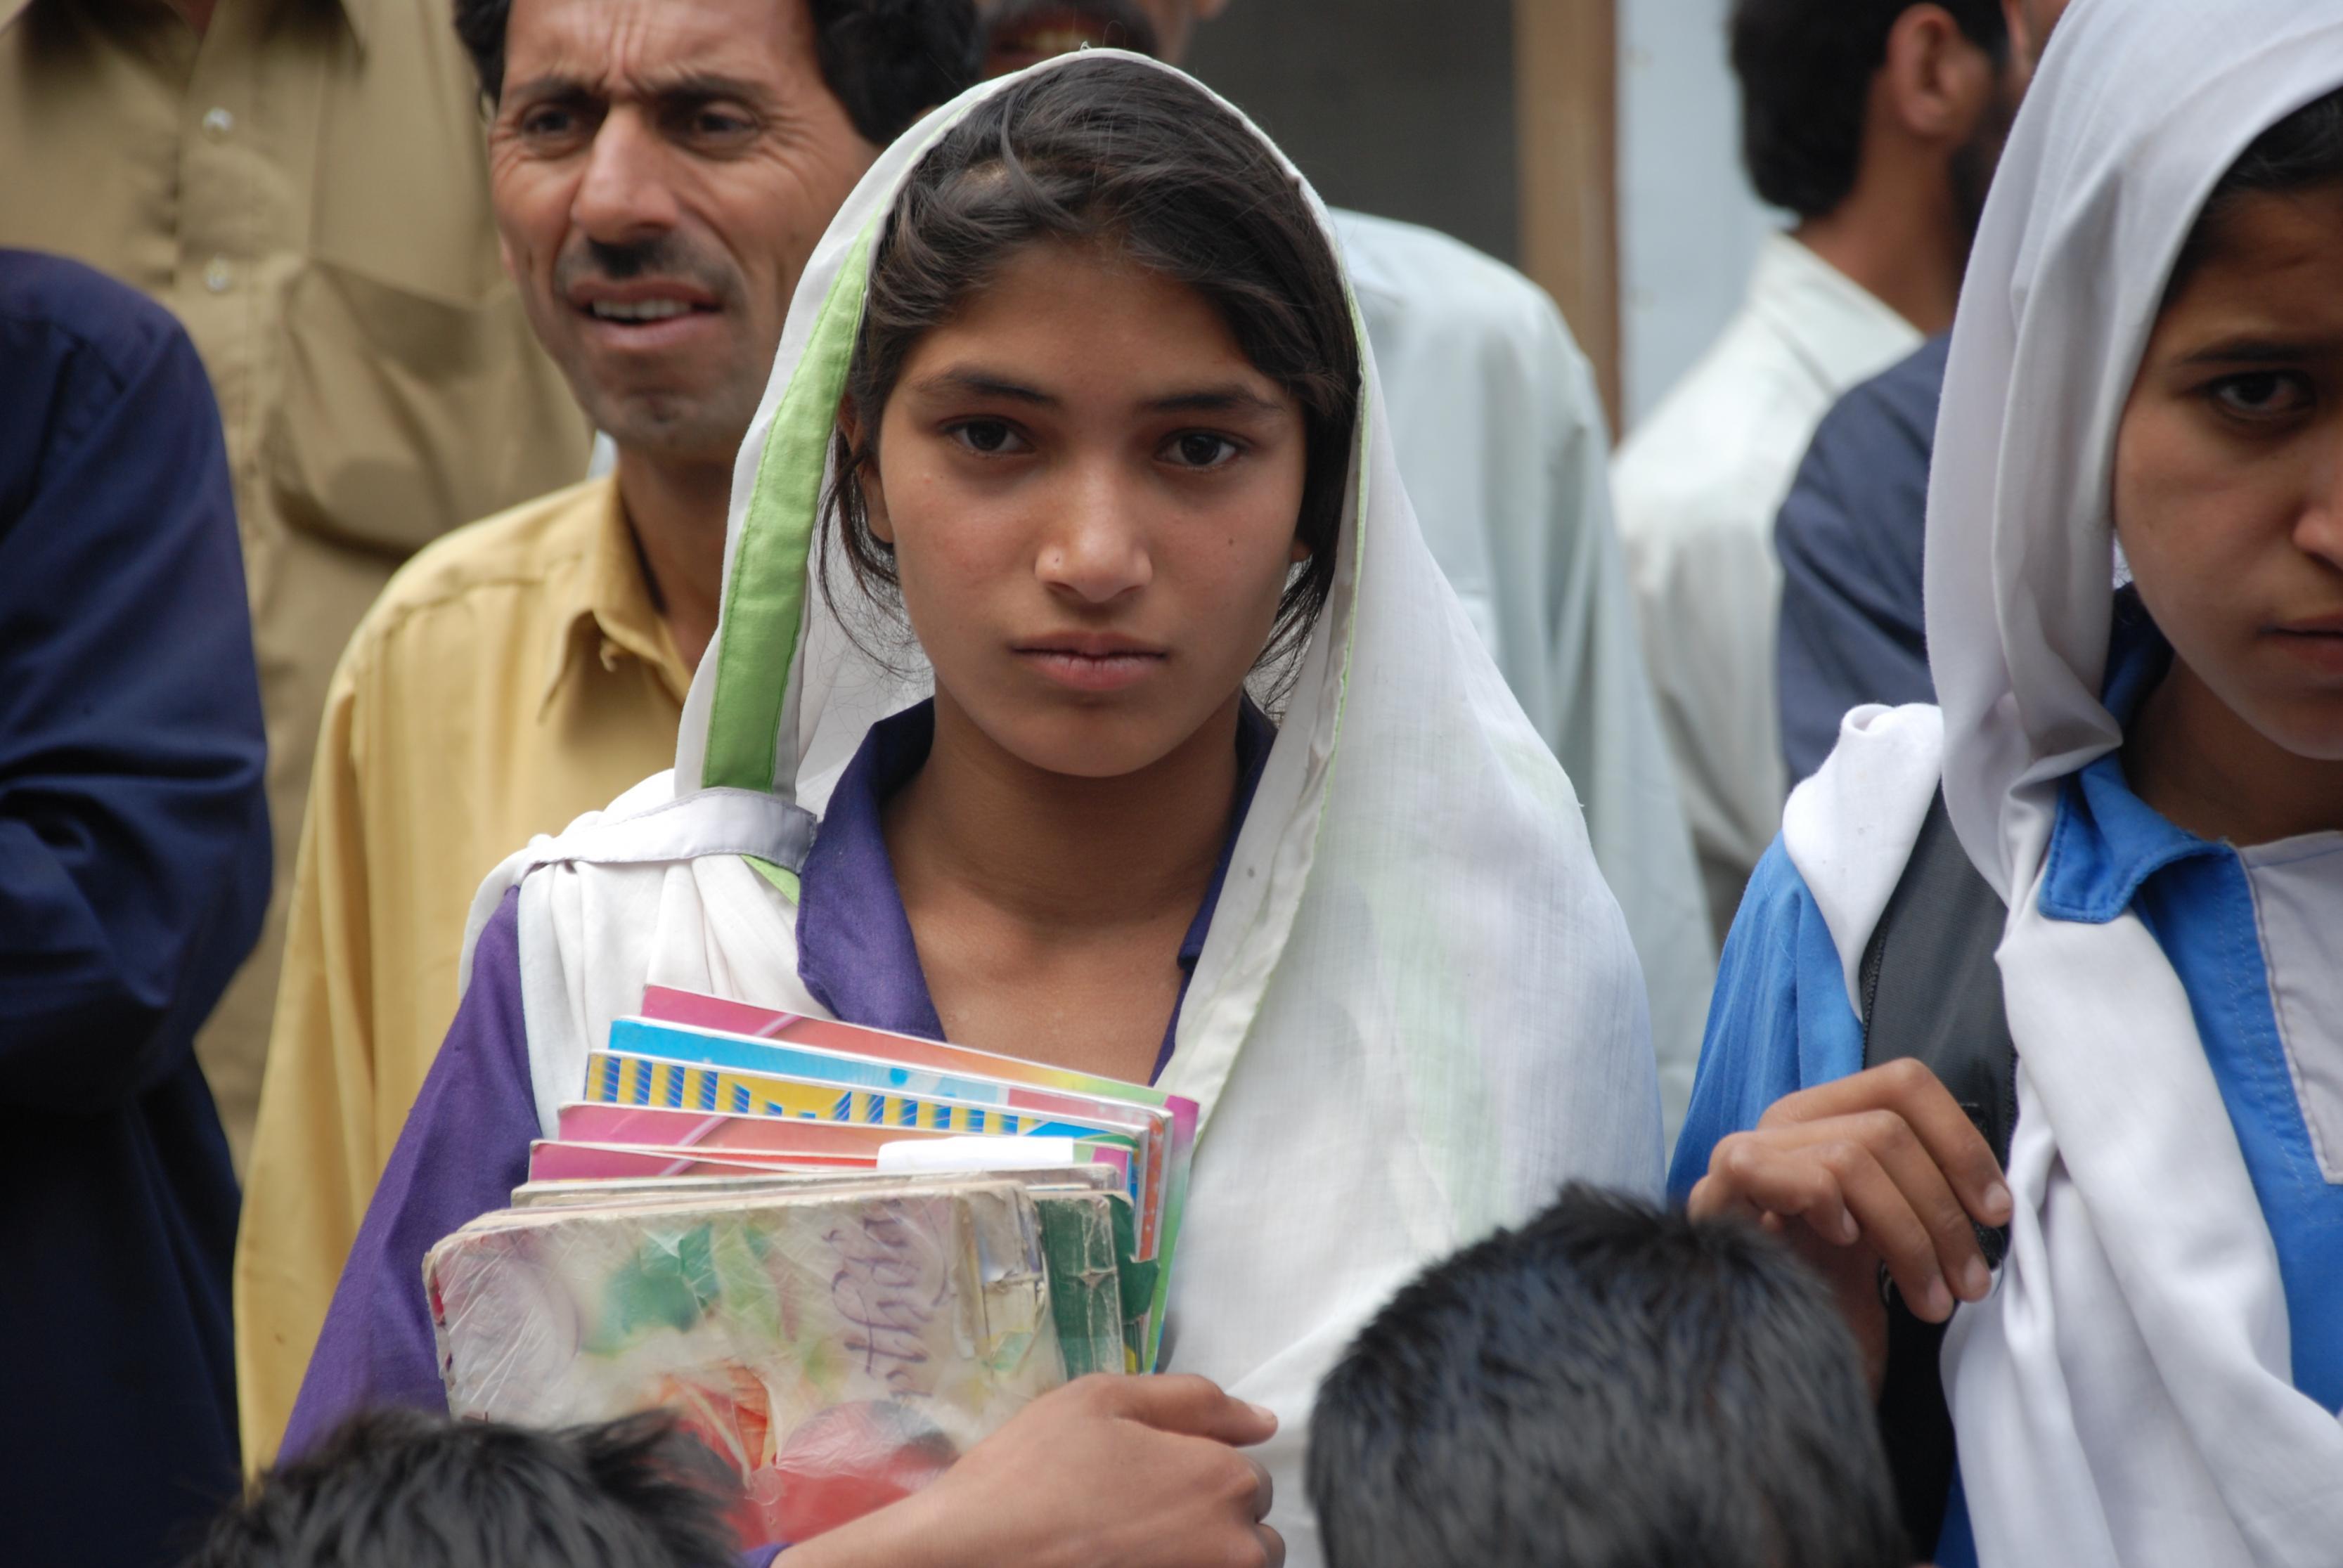 بالصور بنات المدرسه , صور جميلة لبنات في مرحلة الدراسة 3356 9